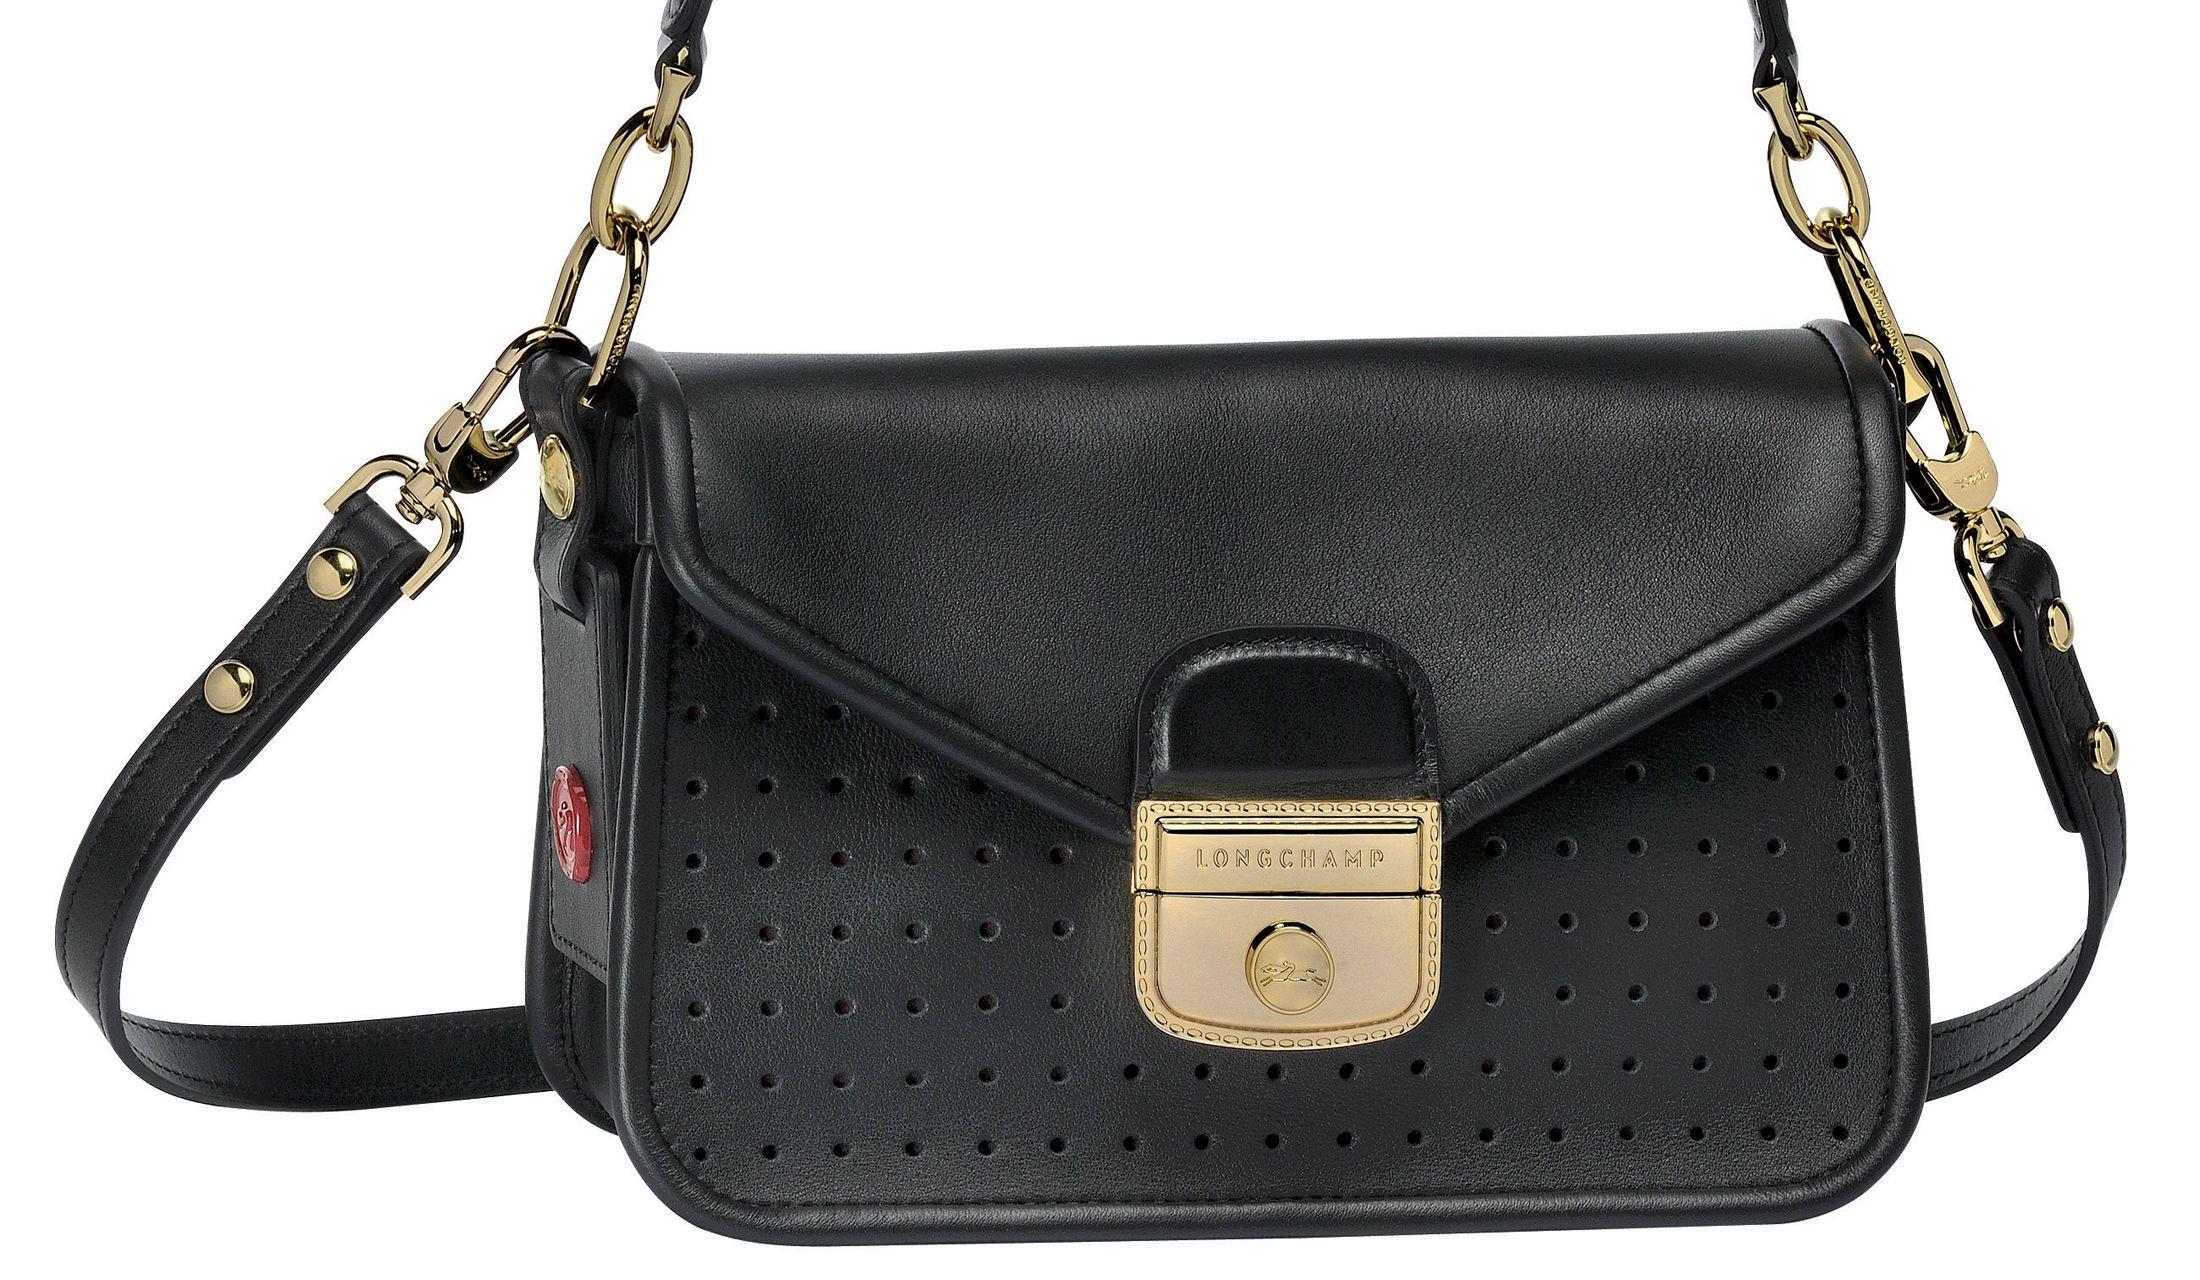 9月29日(金)、ロンシャン ラ メゾン 表参道がオープン。先行発売されるバッグ「マドモワゼル ロンシャン」XSサイズ